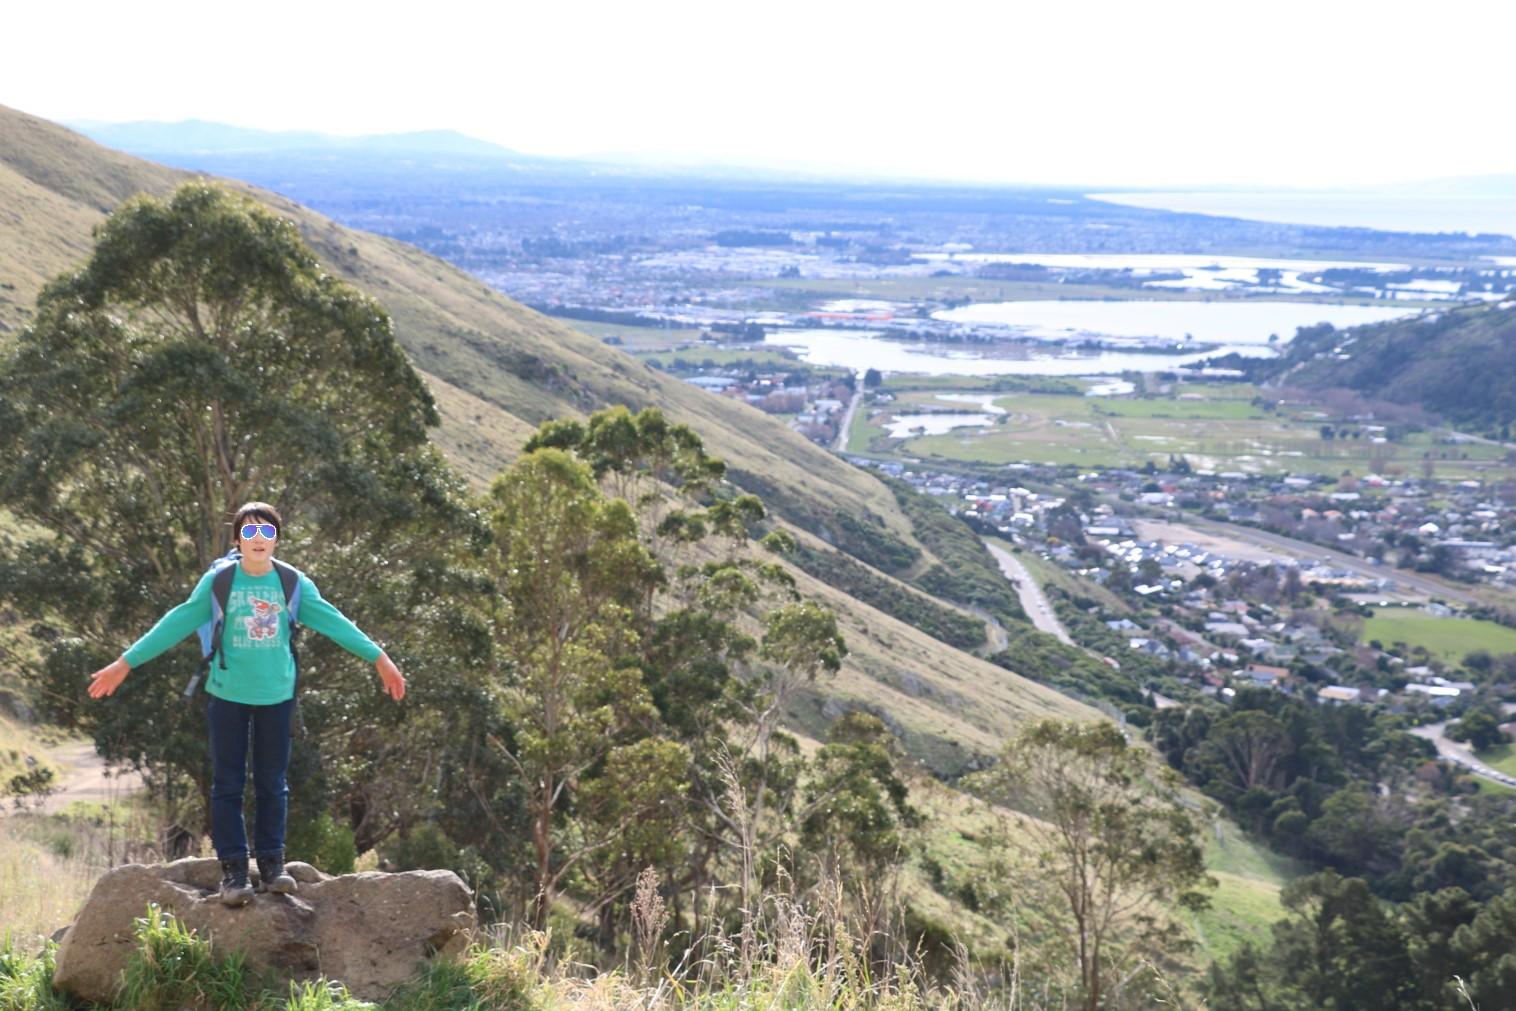 ポートヒル ゴンドラ駅への道のり Walking up to the Gondola station on the Port hills (The Bridle Path + Crater Rim Walkway)